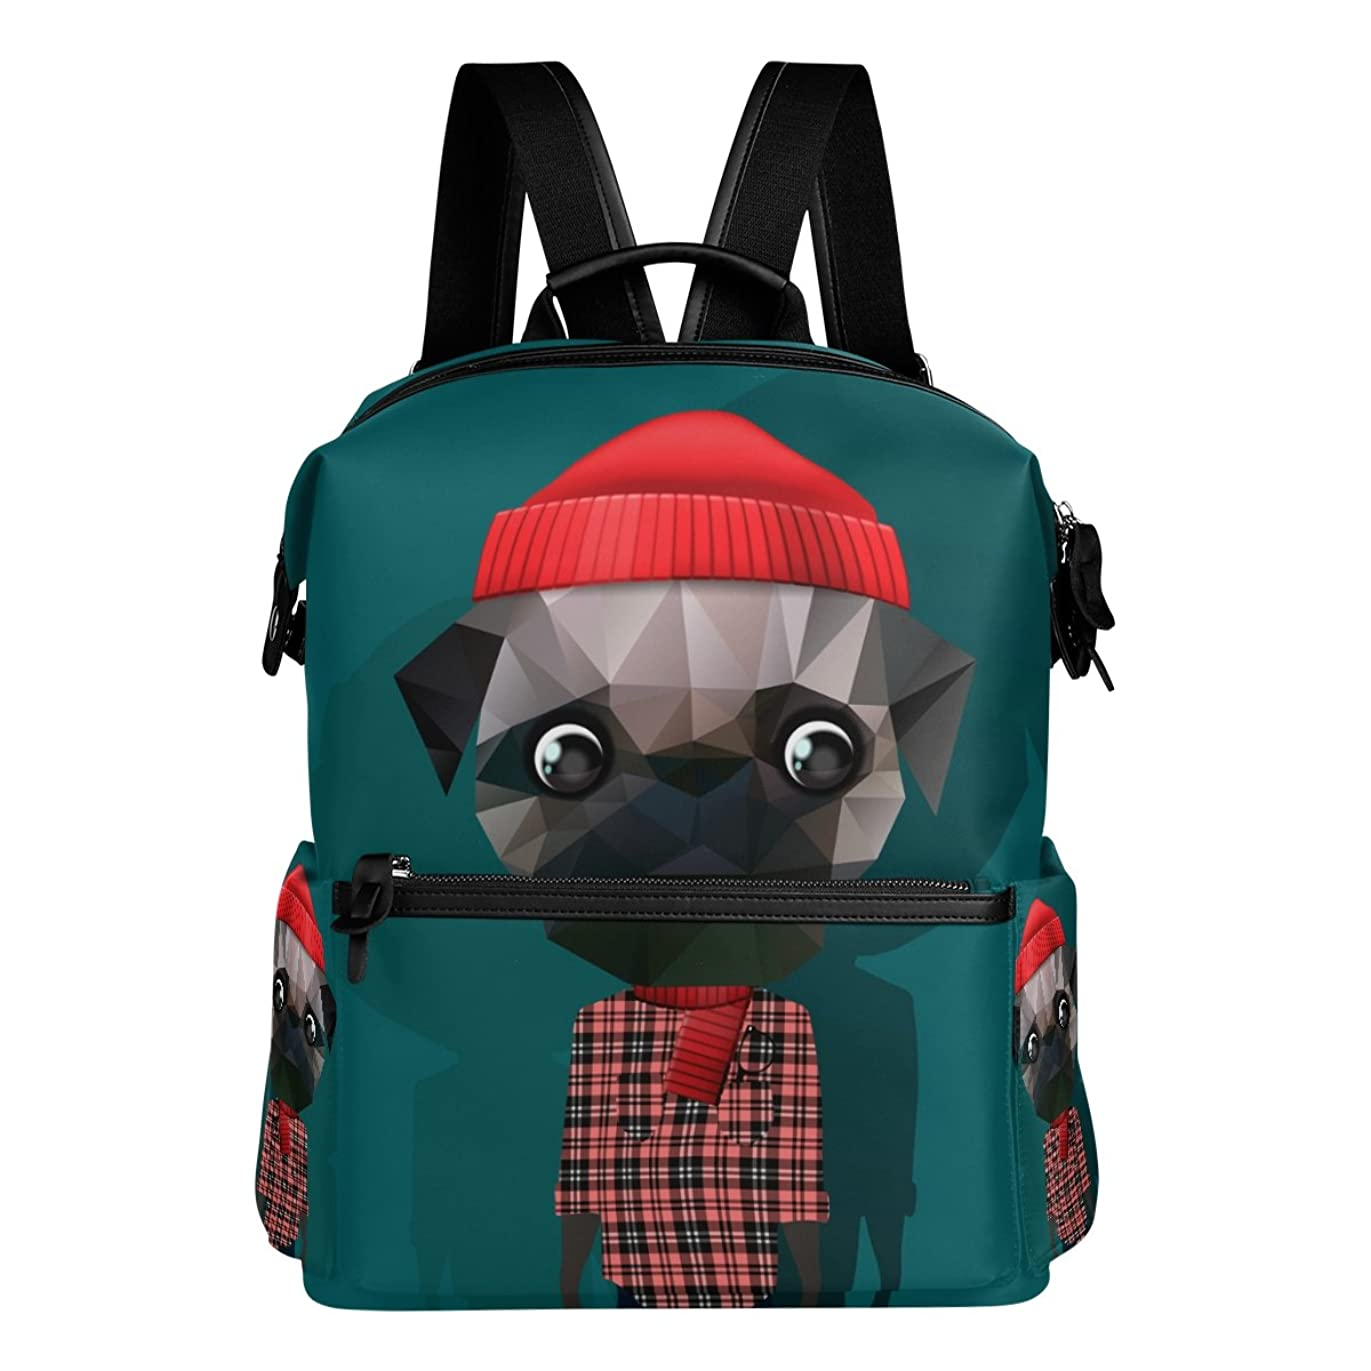 意識的必要とする住所AOMOKI バッグ リュック リュックサック メンズ レディース 通勤 通学 大容量 犬 幾何学